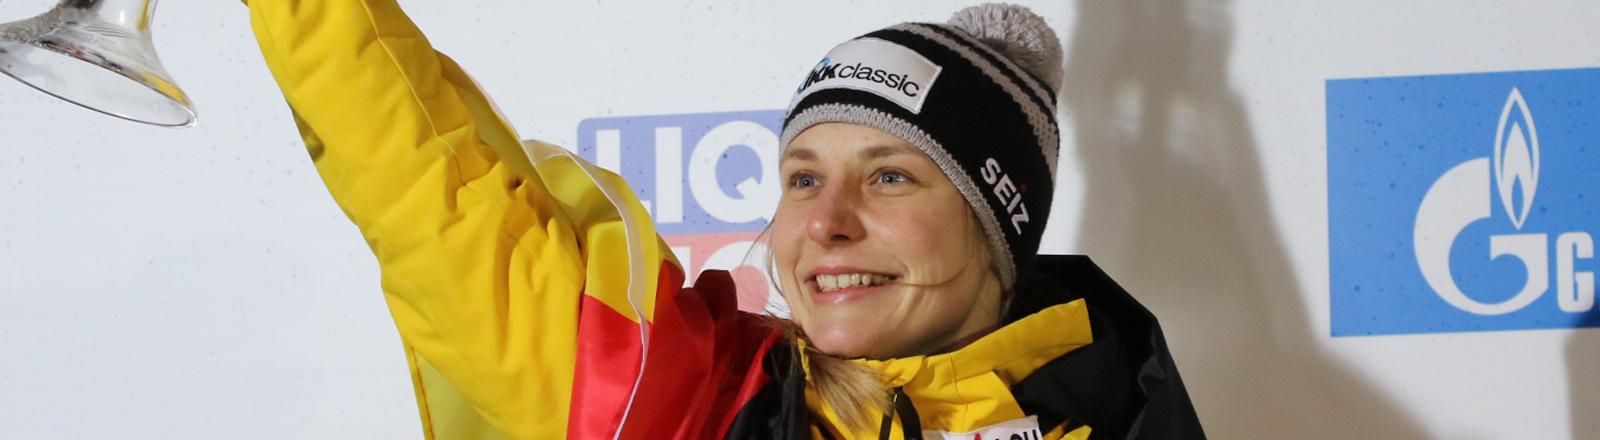 Dreifache Skeleton-Weltmeisterin Tina Hermann